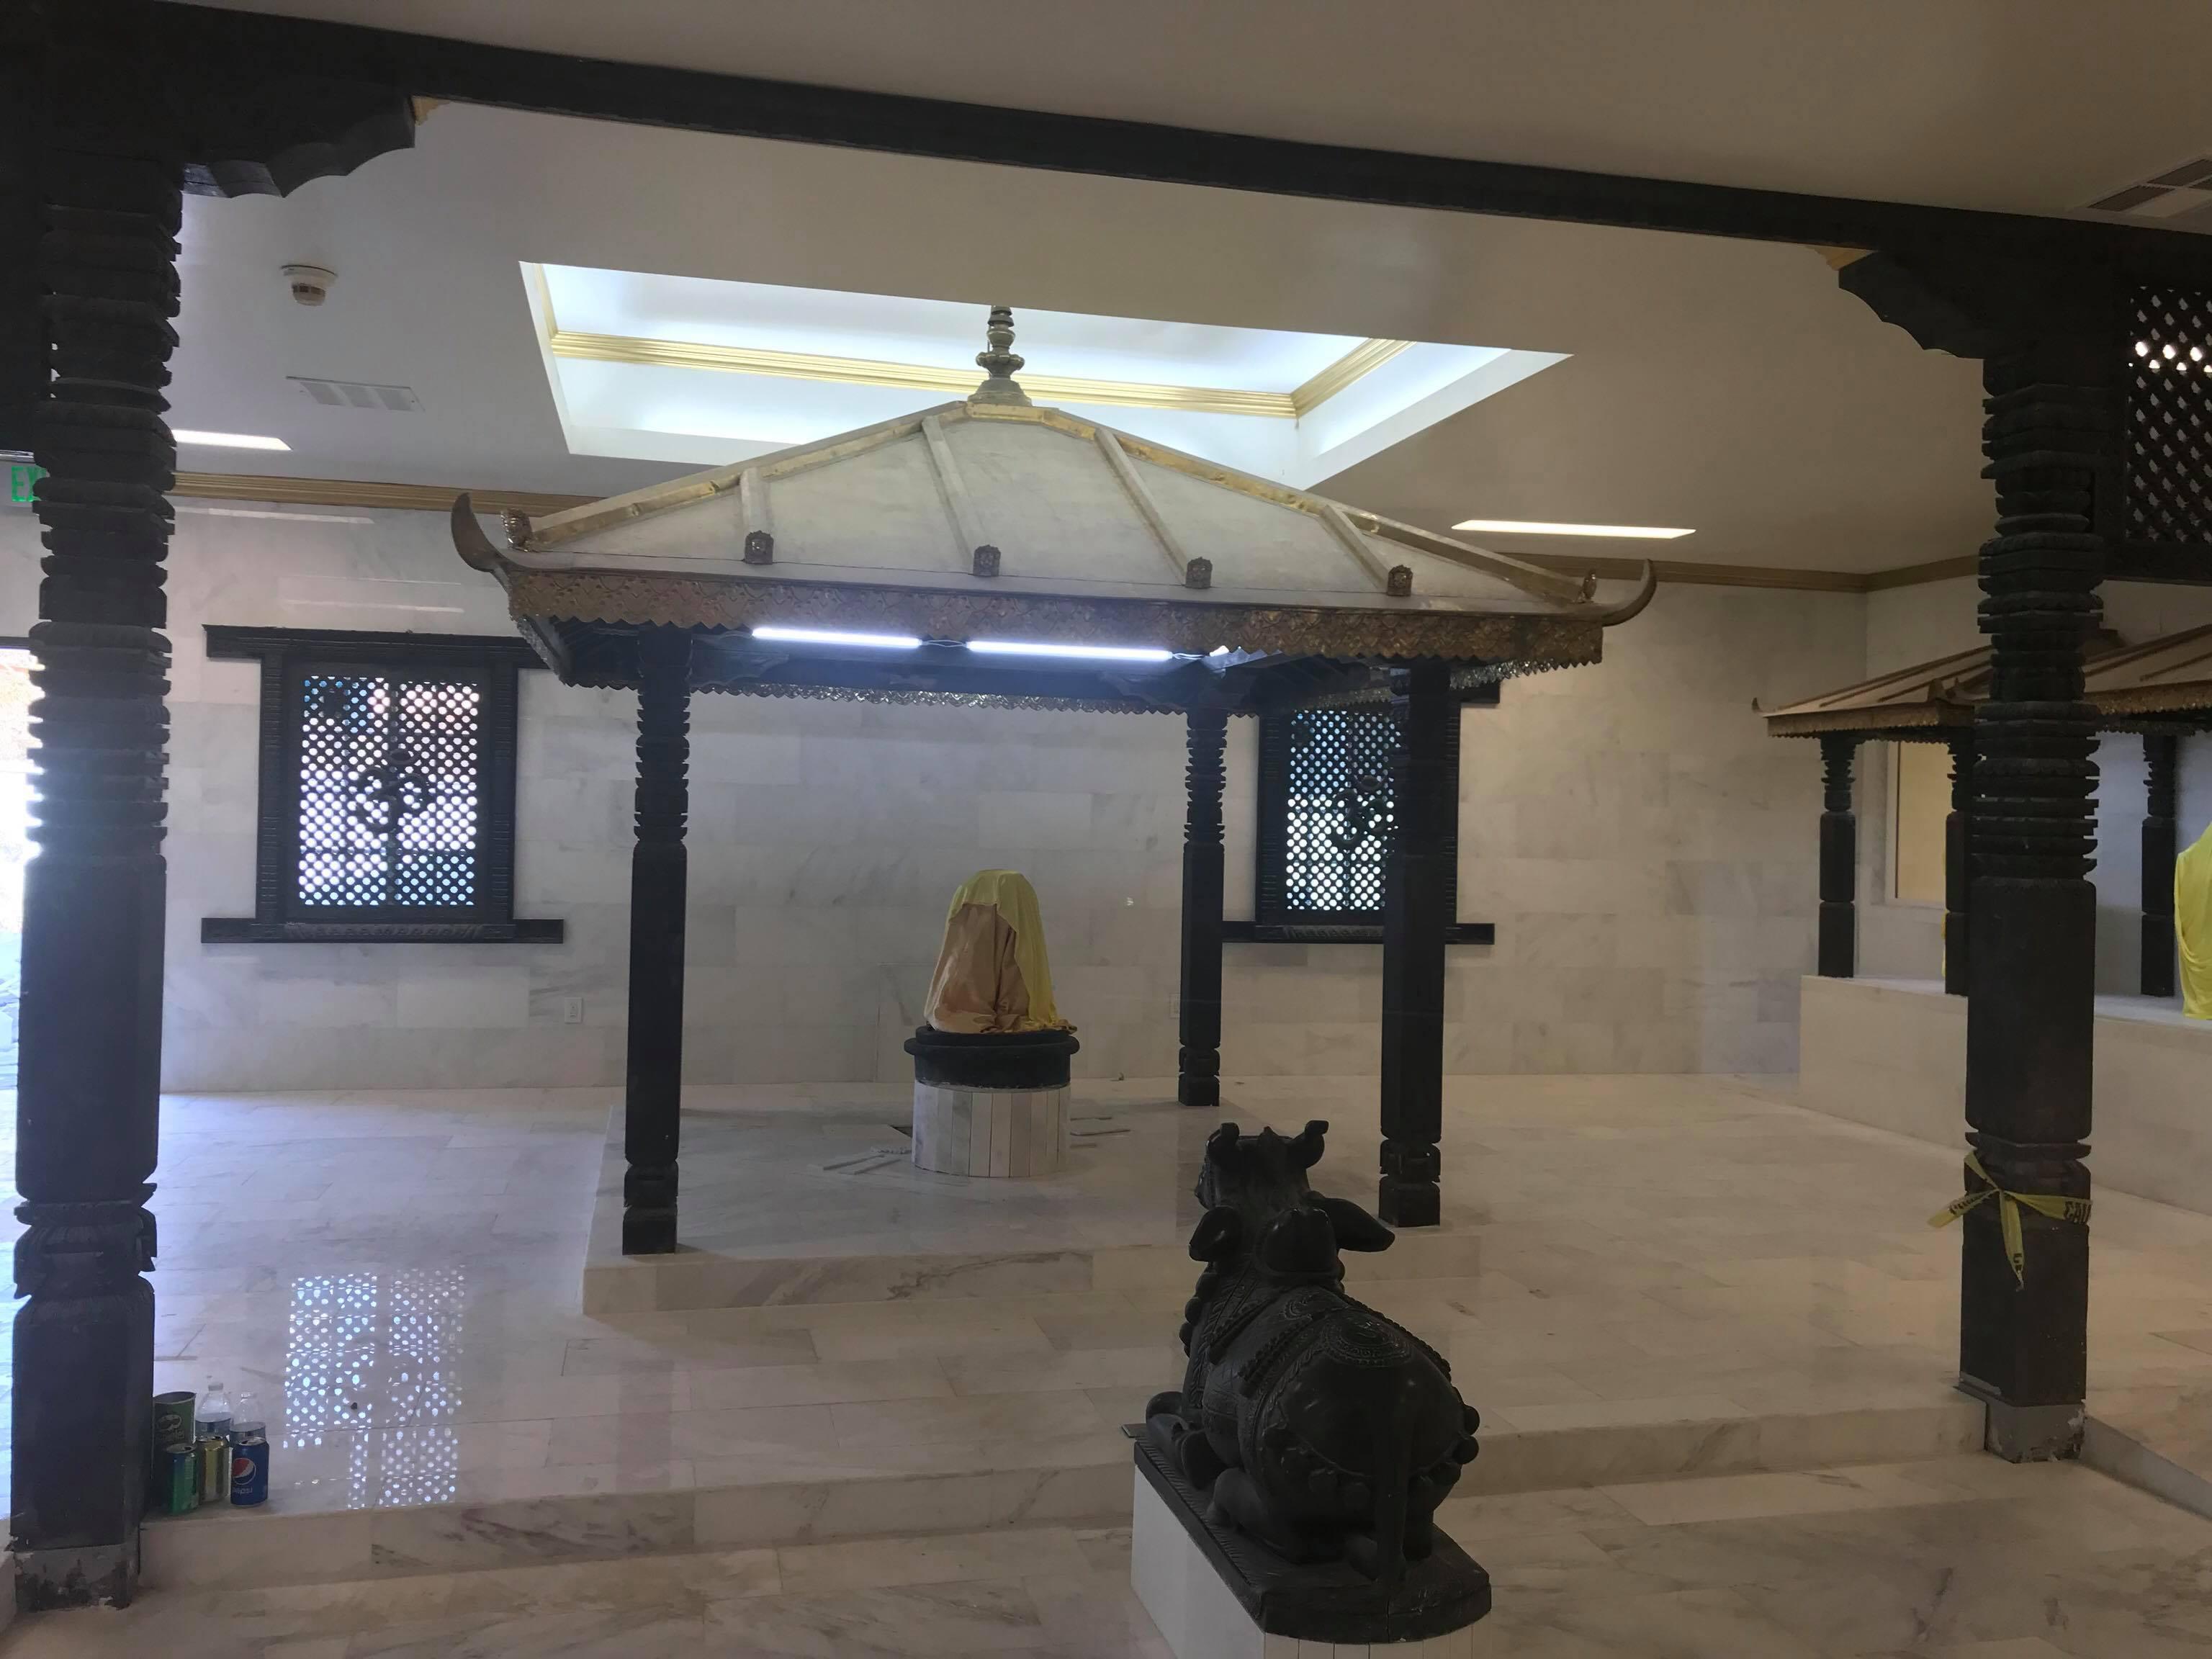 सिटीको पर्मिट पाउने बित्तिक्कै शुरुवात हुने, लस एन्जलसको नेपाली मन्दिर